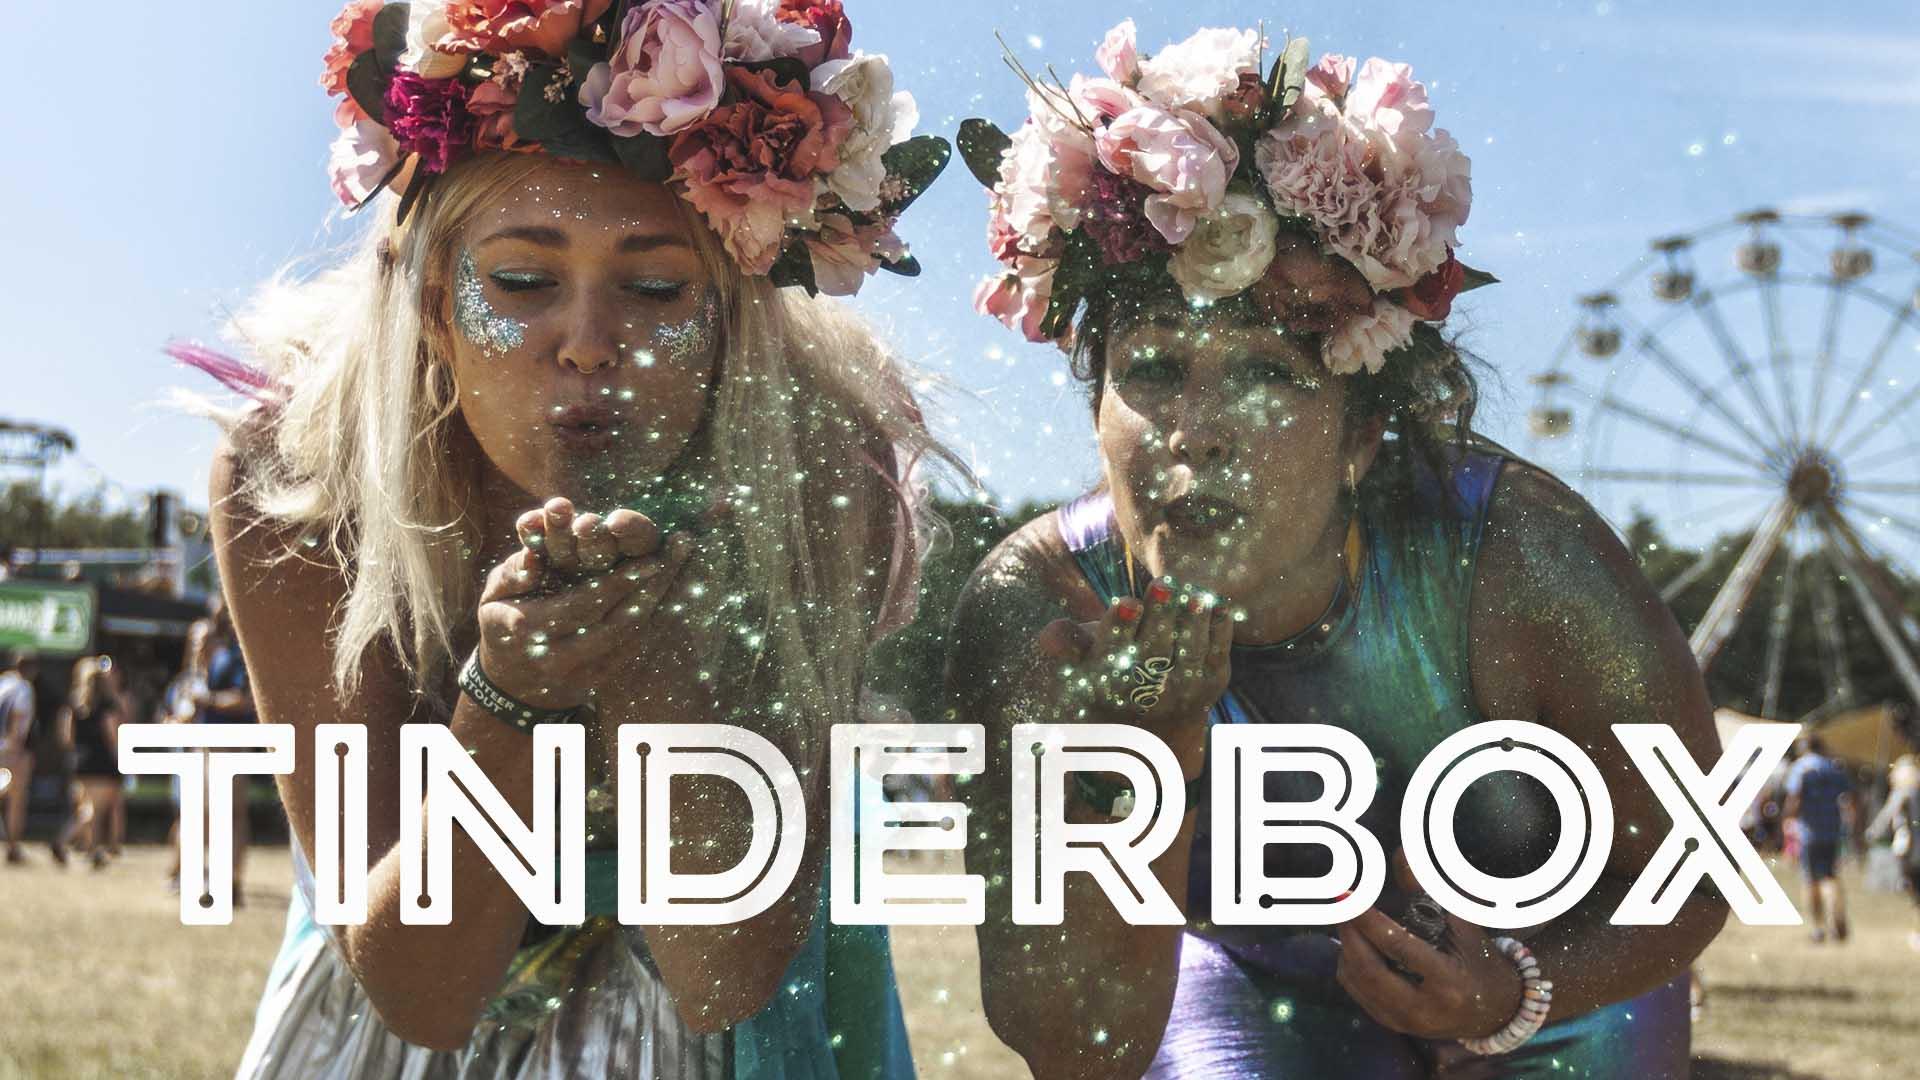 Thumbnail af Tinderbox til eventfilm